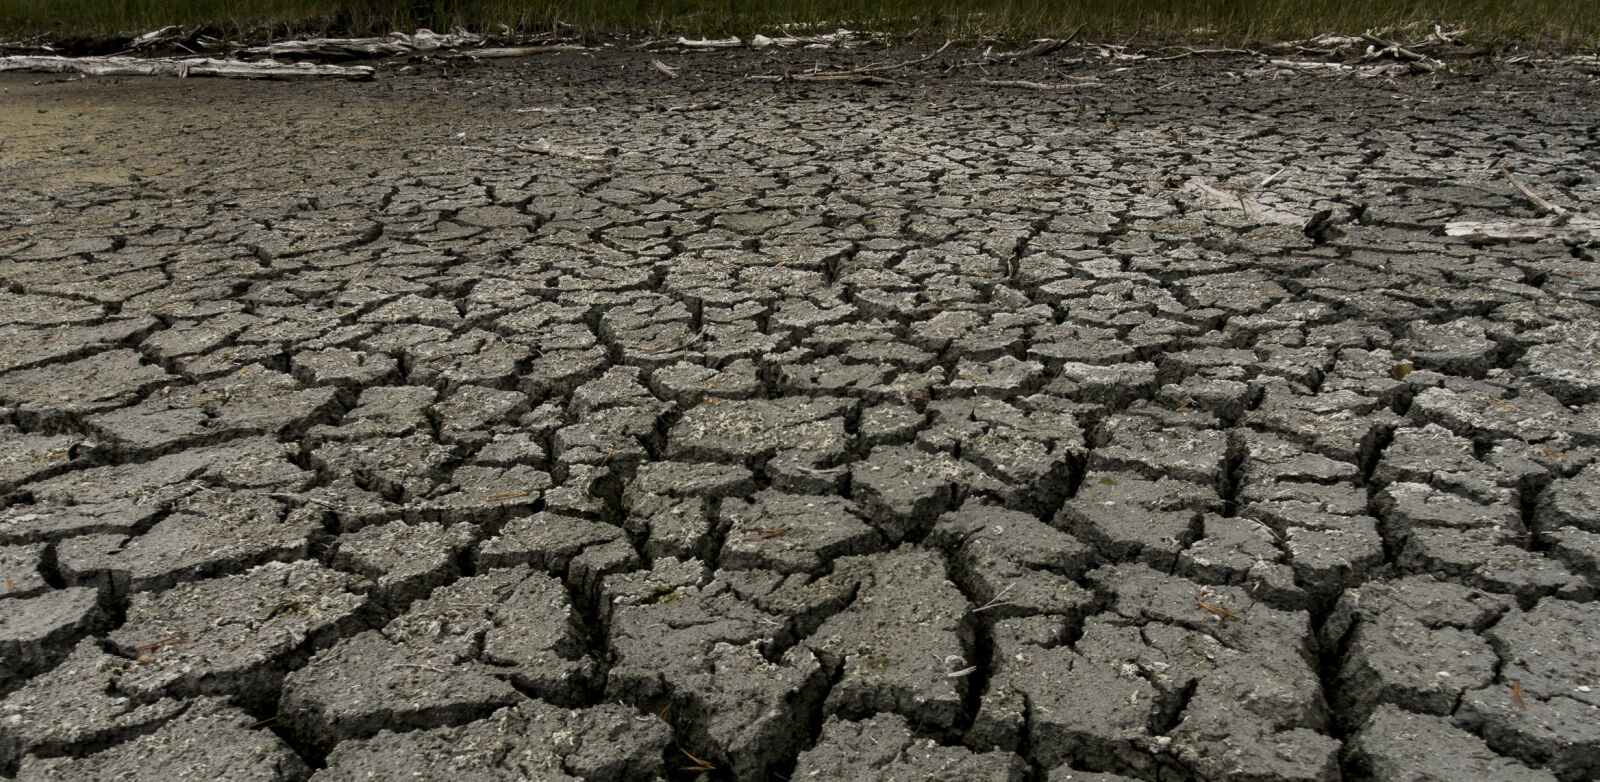 UTTØRKET: Flere steder i Norge har svært lavt grunnvannsnivå på grunn av tørken. Bildet er fra Mysutjern sør for Kongsberg. Foto: Lars Eivind Bones / Dagbladet